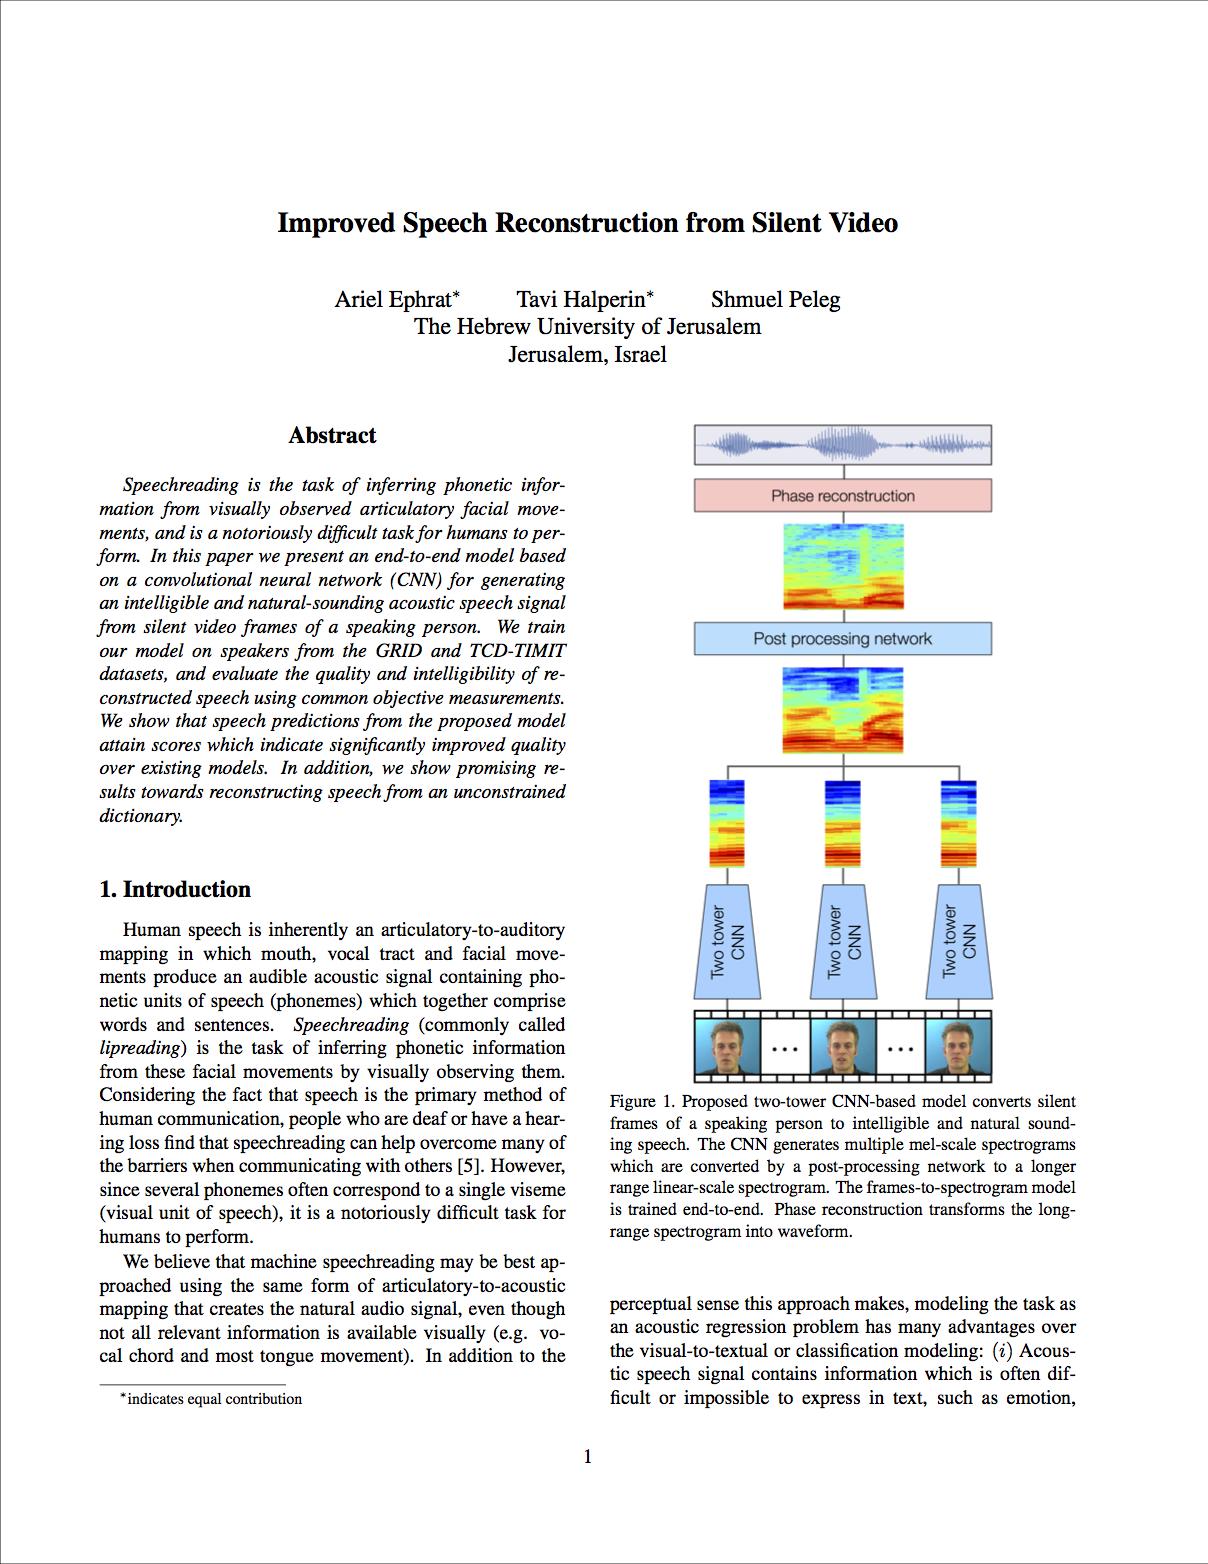 Vid2Speech: Speech Reconstruction from Silent Video